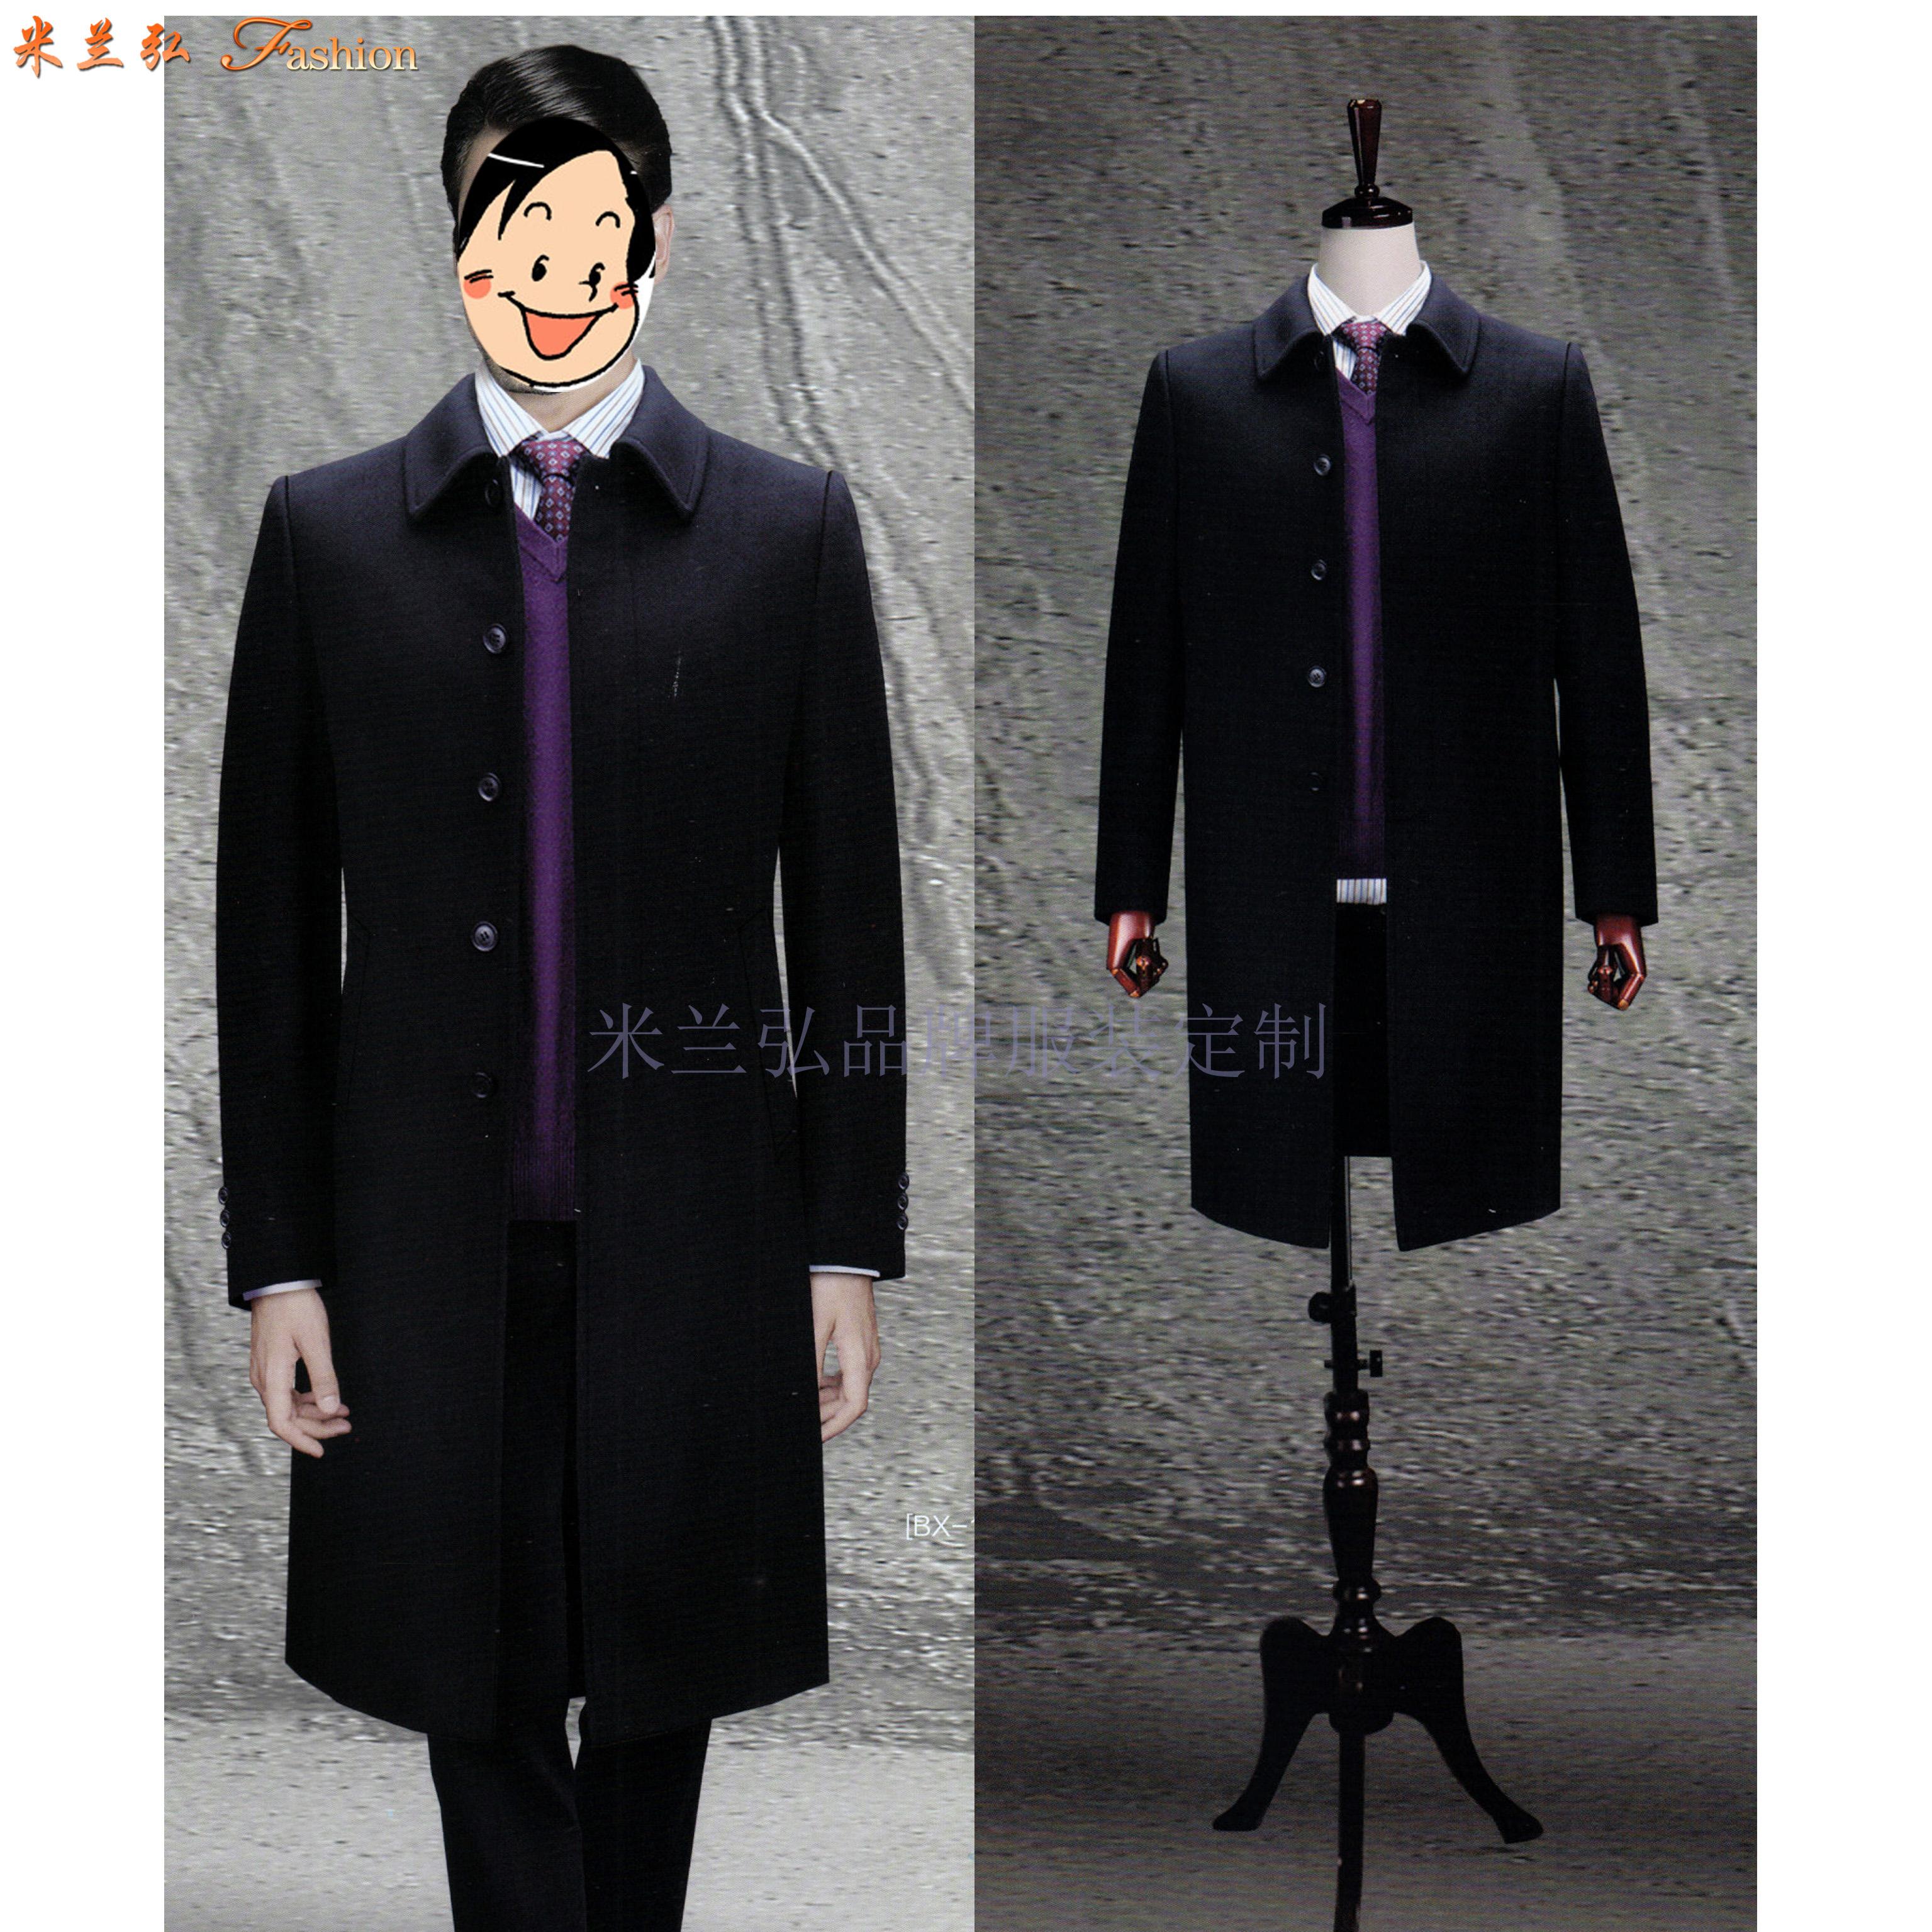 「河北大衣定制」「保定市大衣订做」推荐厚实暖和米兰弘服装-2